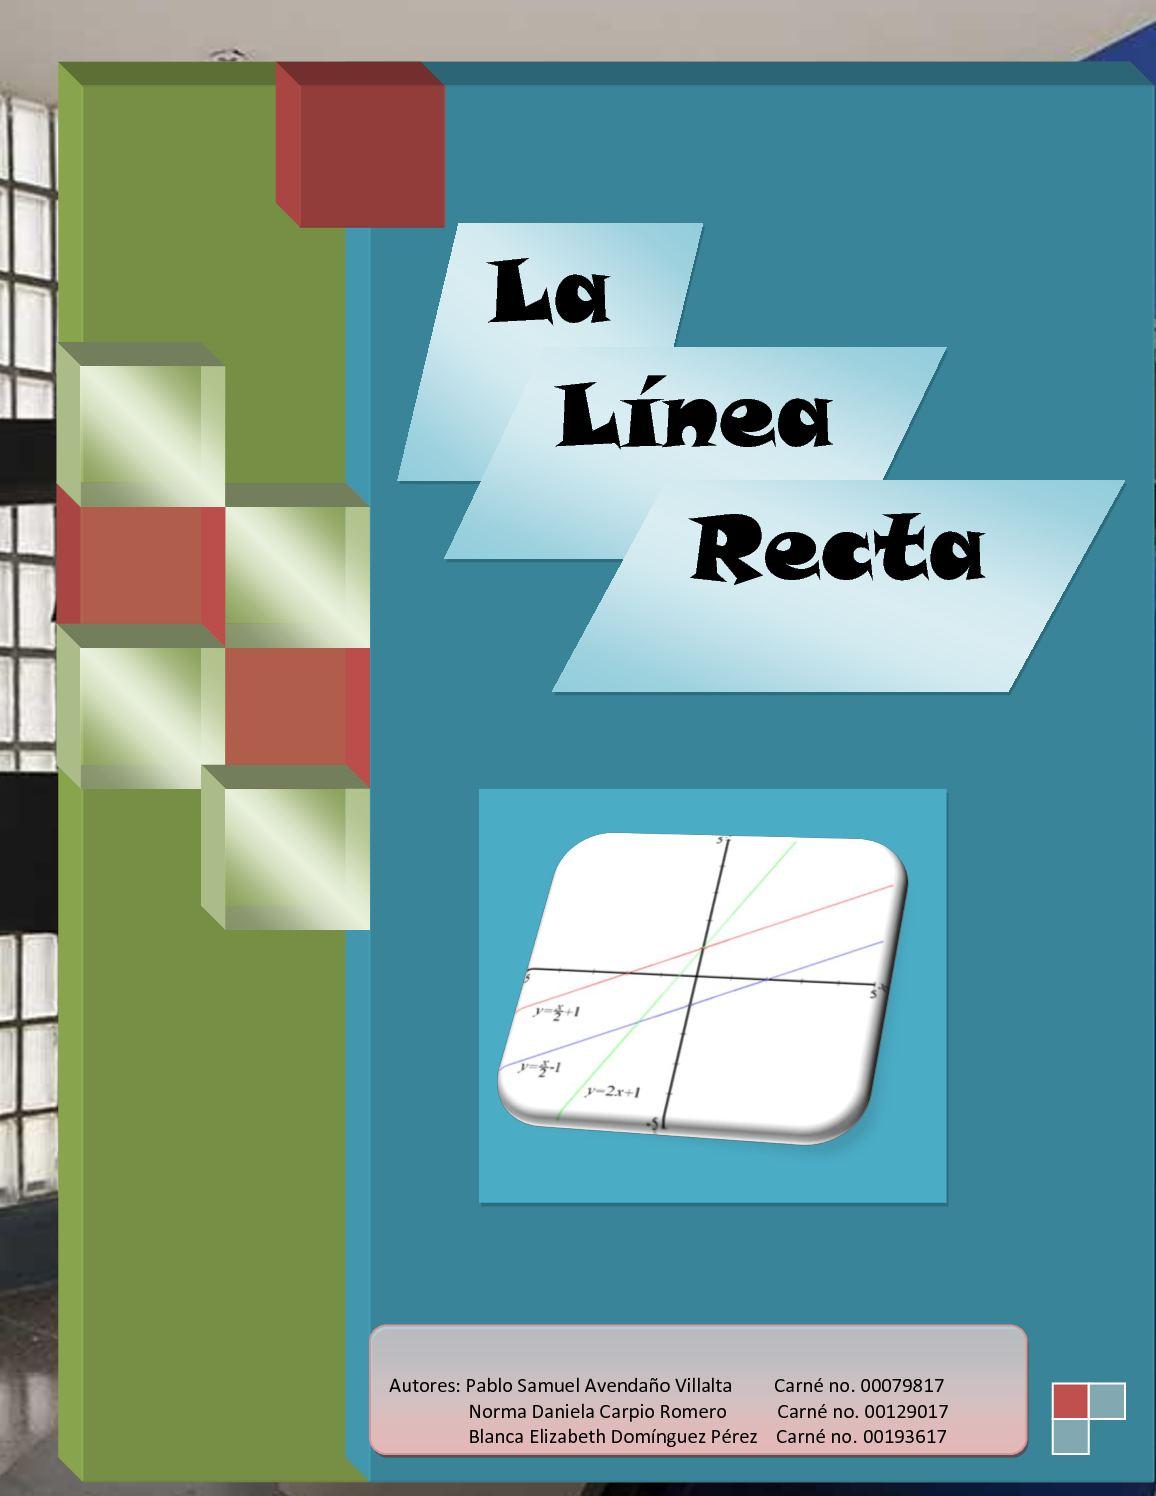 Tarea 2: La línea recta